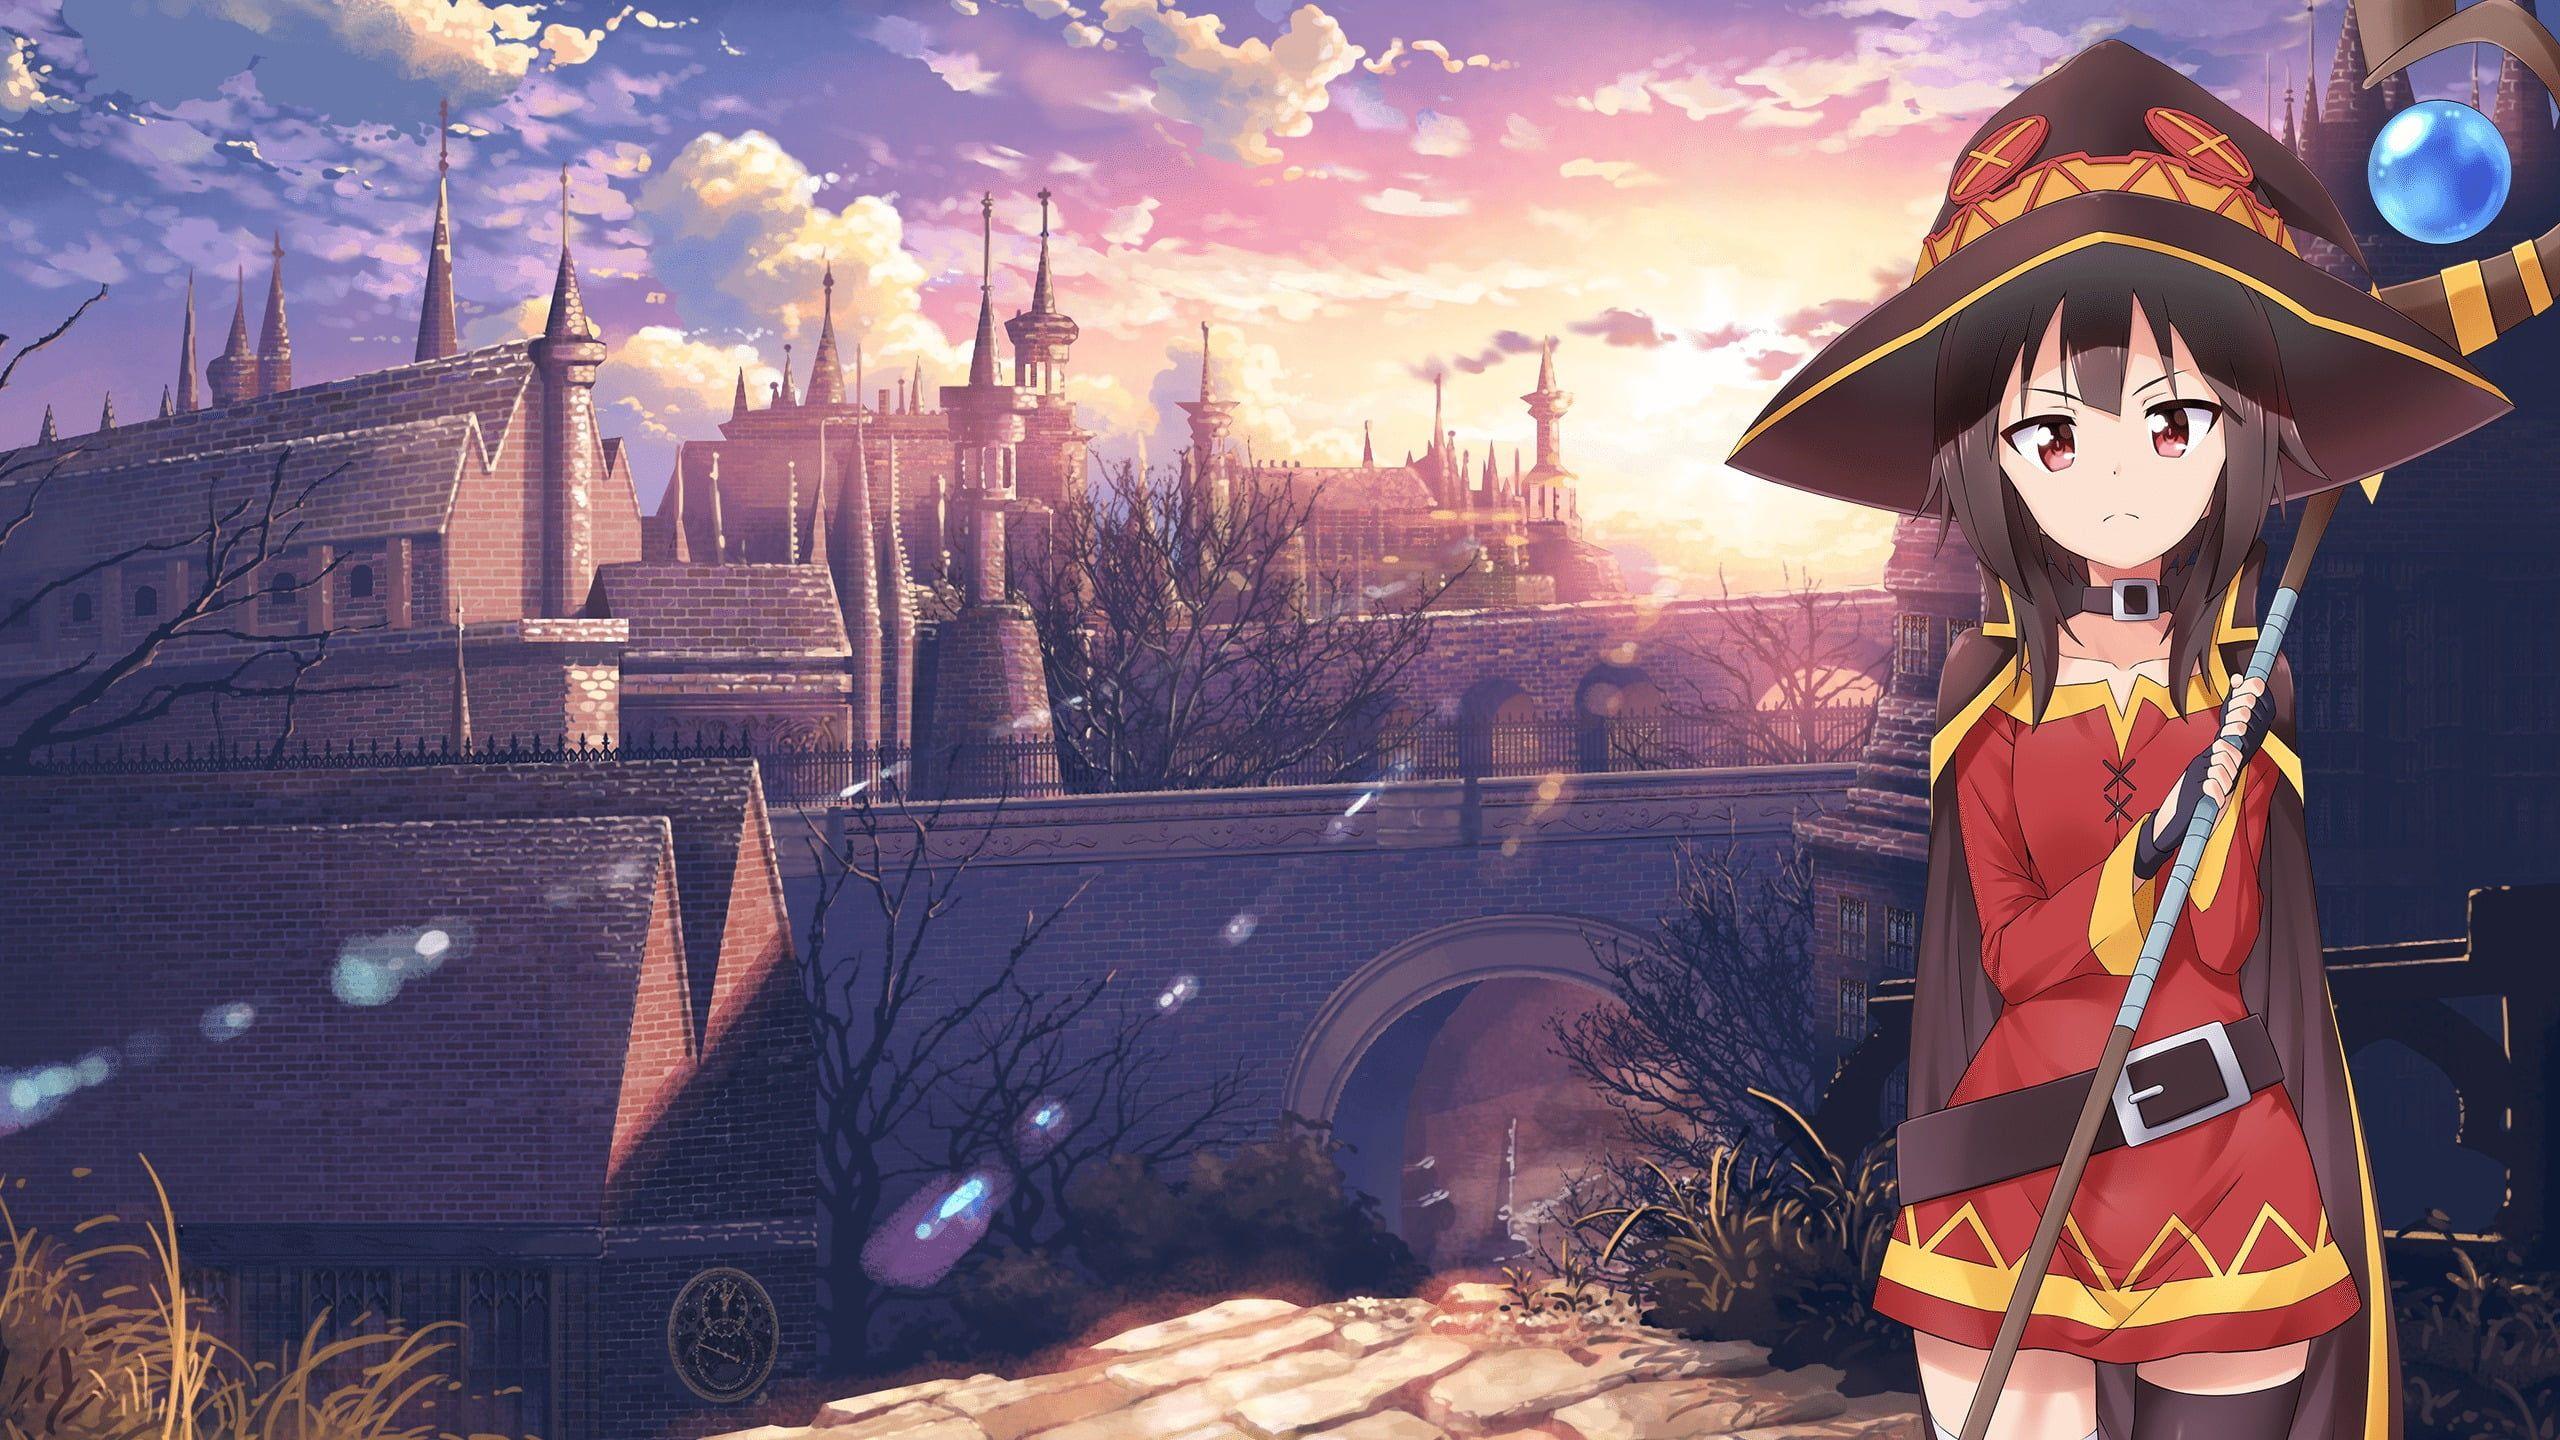 Game Illustration Megumin Kono Subarashii Sekai Ni Shukufuku Wo